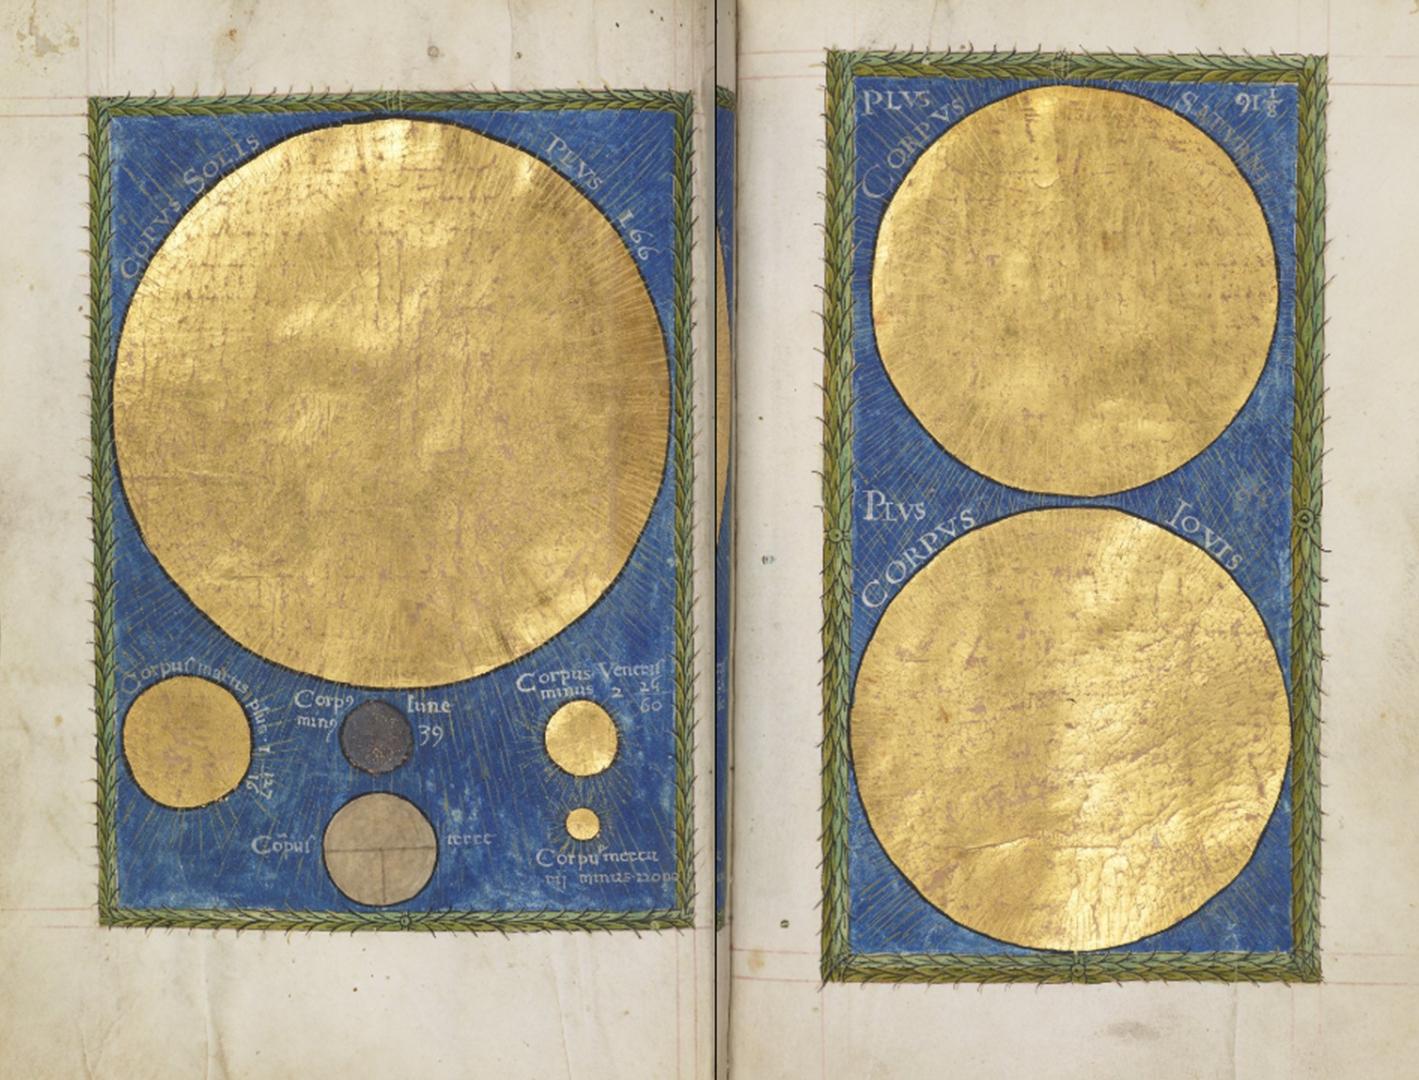 Napoli Aragonese | Compendio di Astrologia di Proliano, fogli 120-121